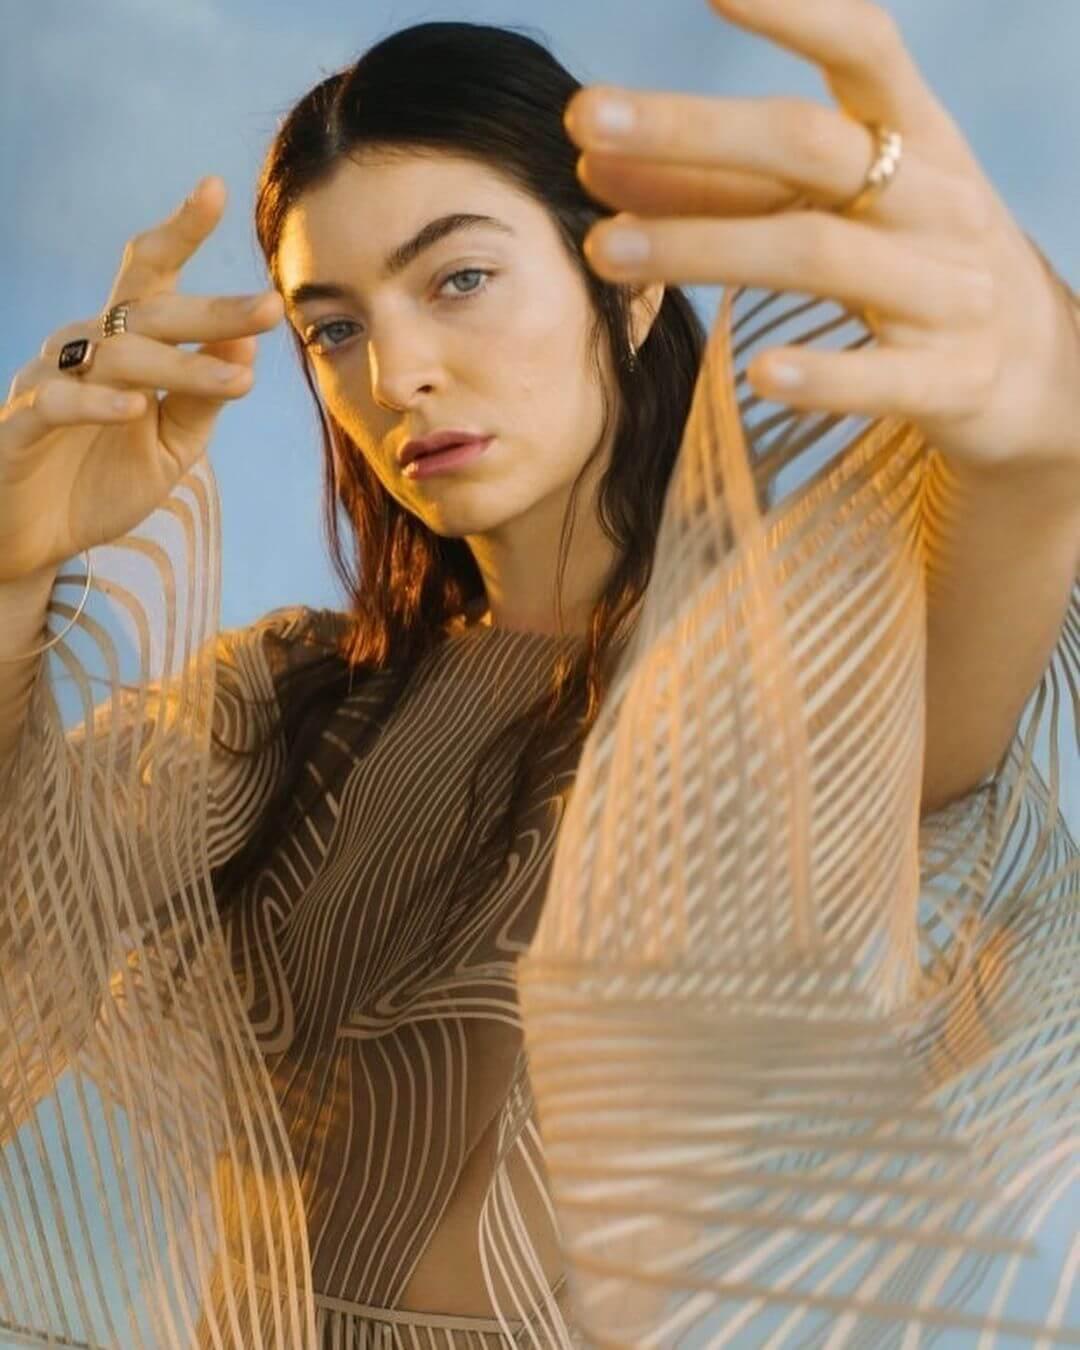 6 lanzamientos recientes que debes escuchar: Lorde + Parquet Courts + Royal Blood y más